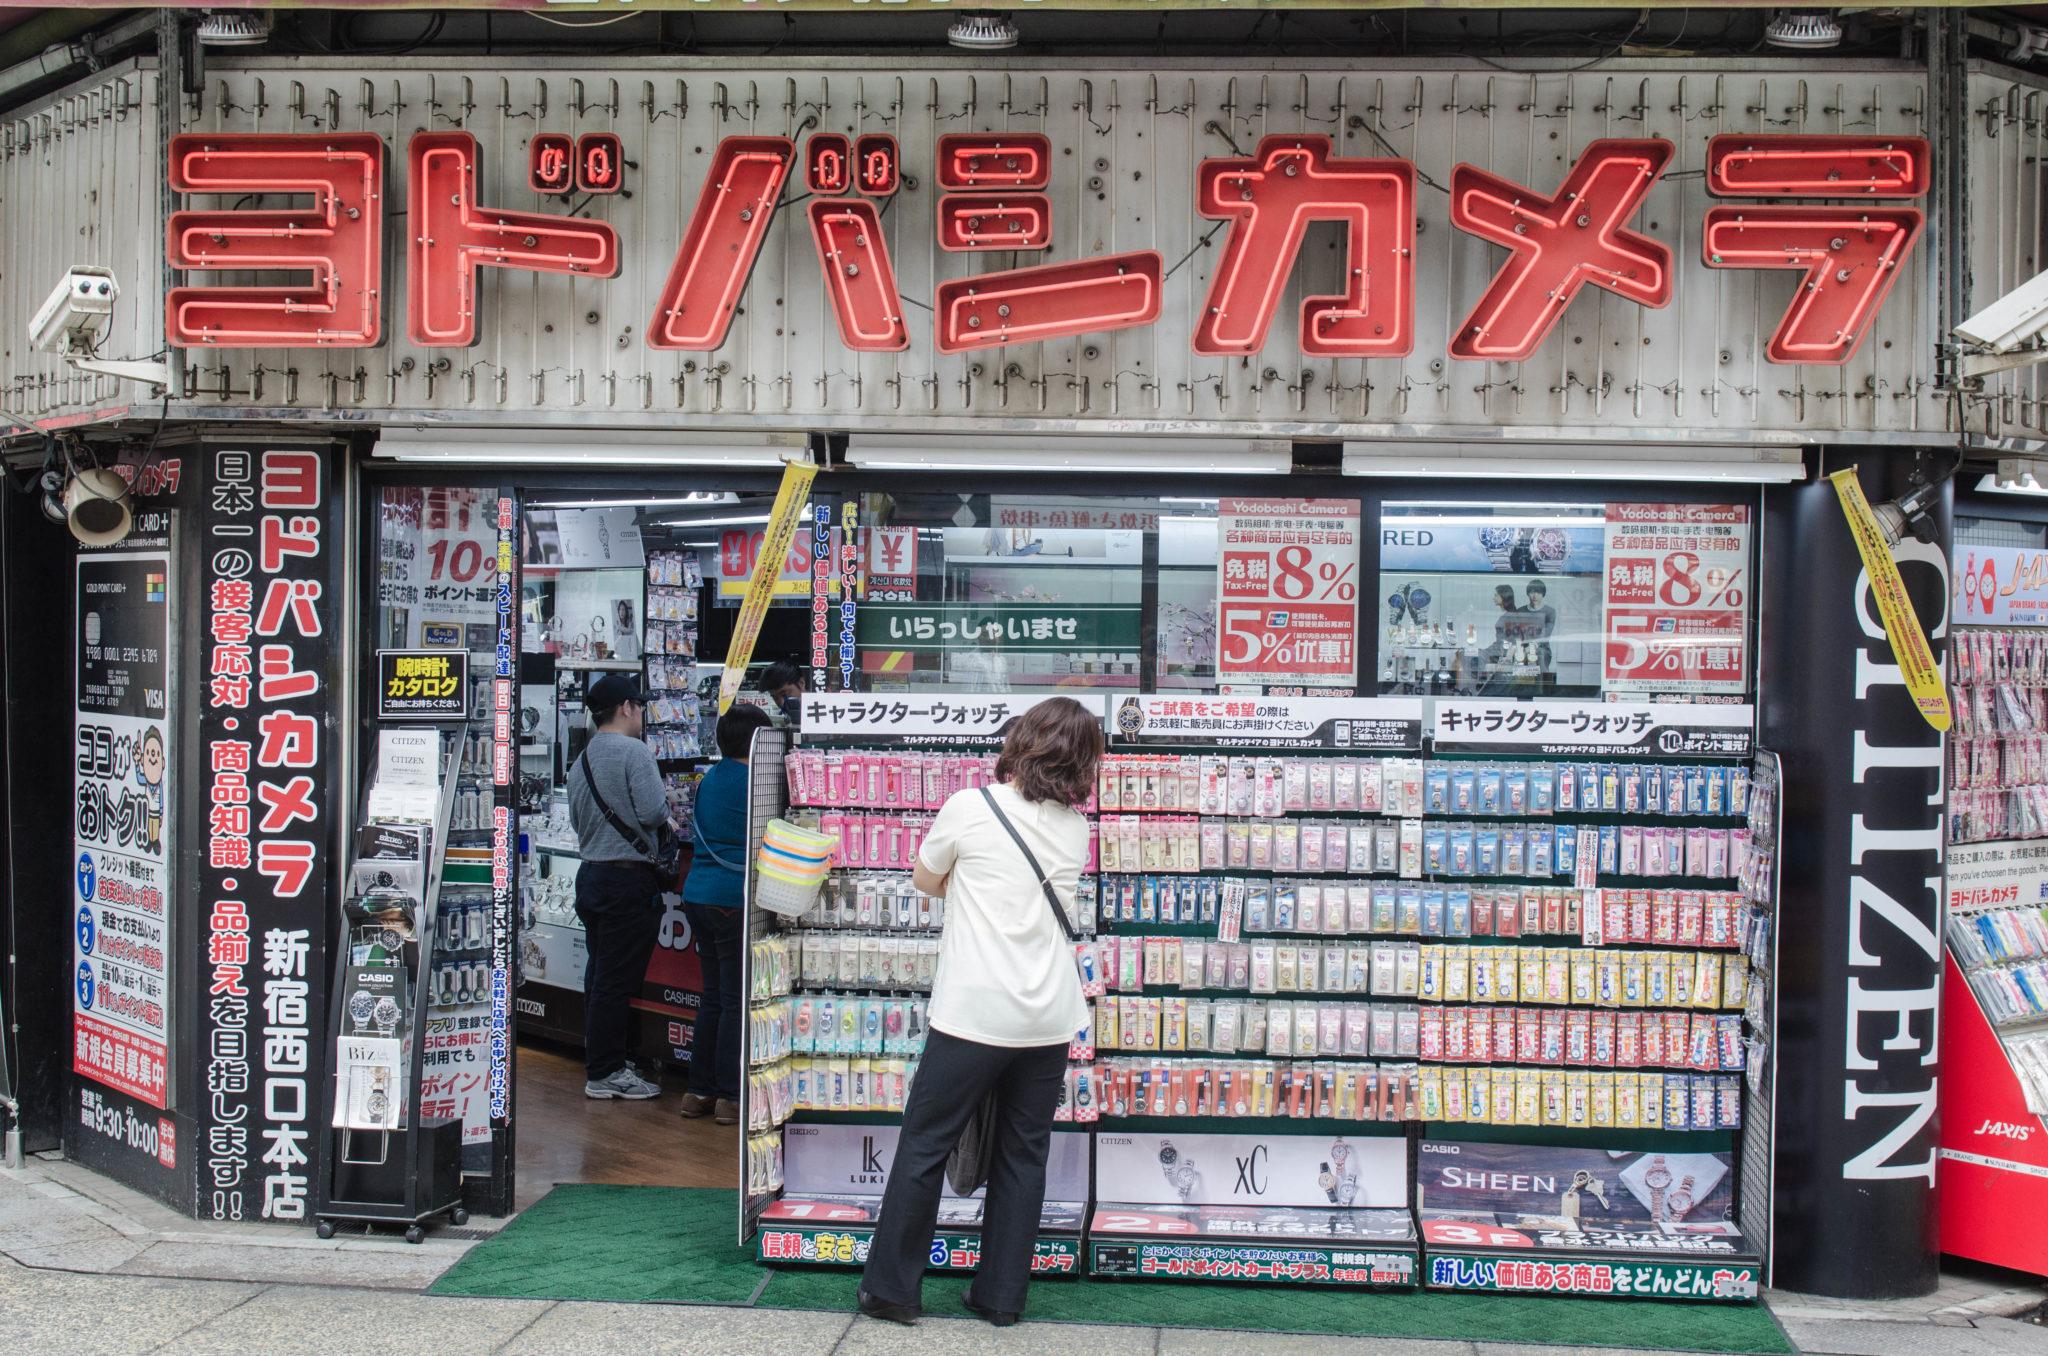 Die verrückte Seite von Japan findet man auf jedenfall im Viertel Akihabara.